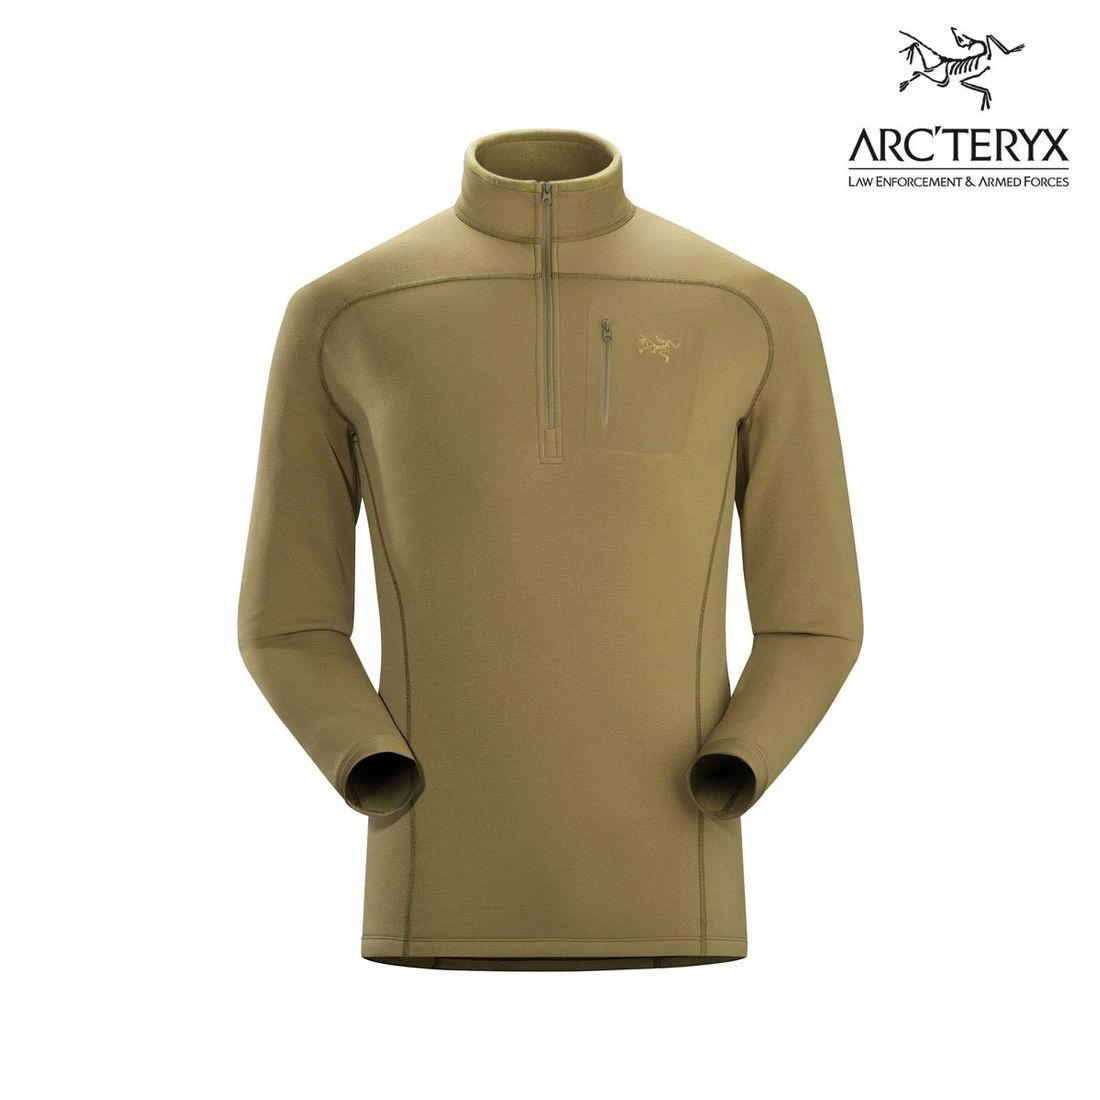 Sous-vêtement Cold WX zip neck SV Arc teryx Leaf eb49cb09982